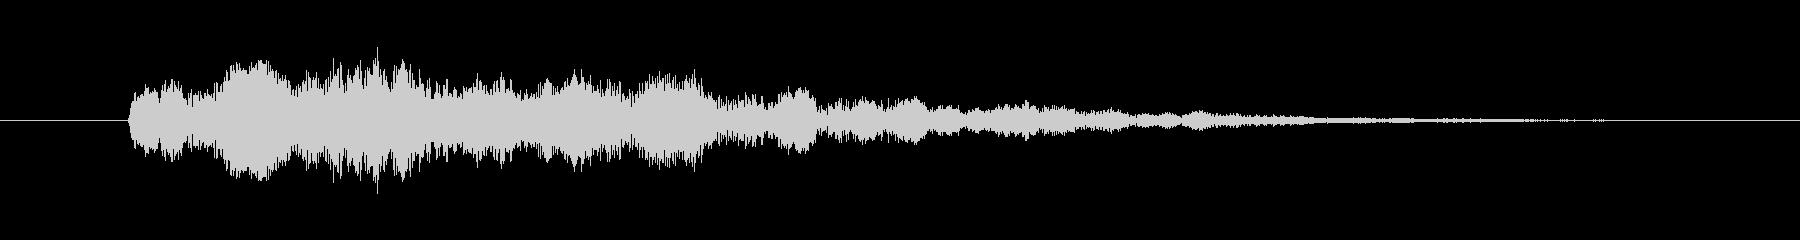 「ファーン」という神秘的なアイテム取得音の未再生の波形